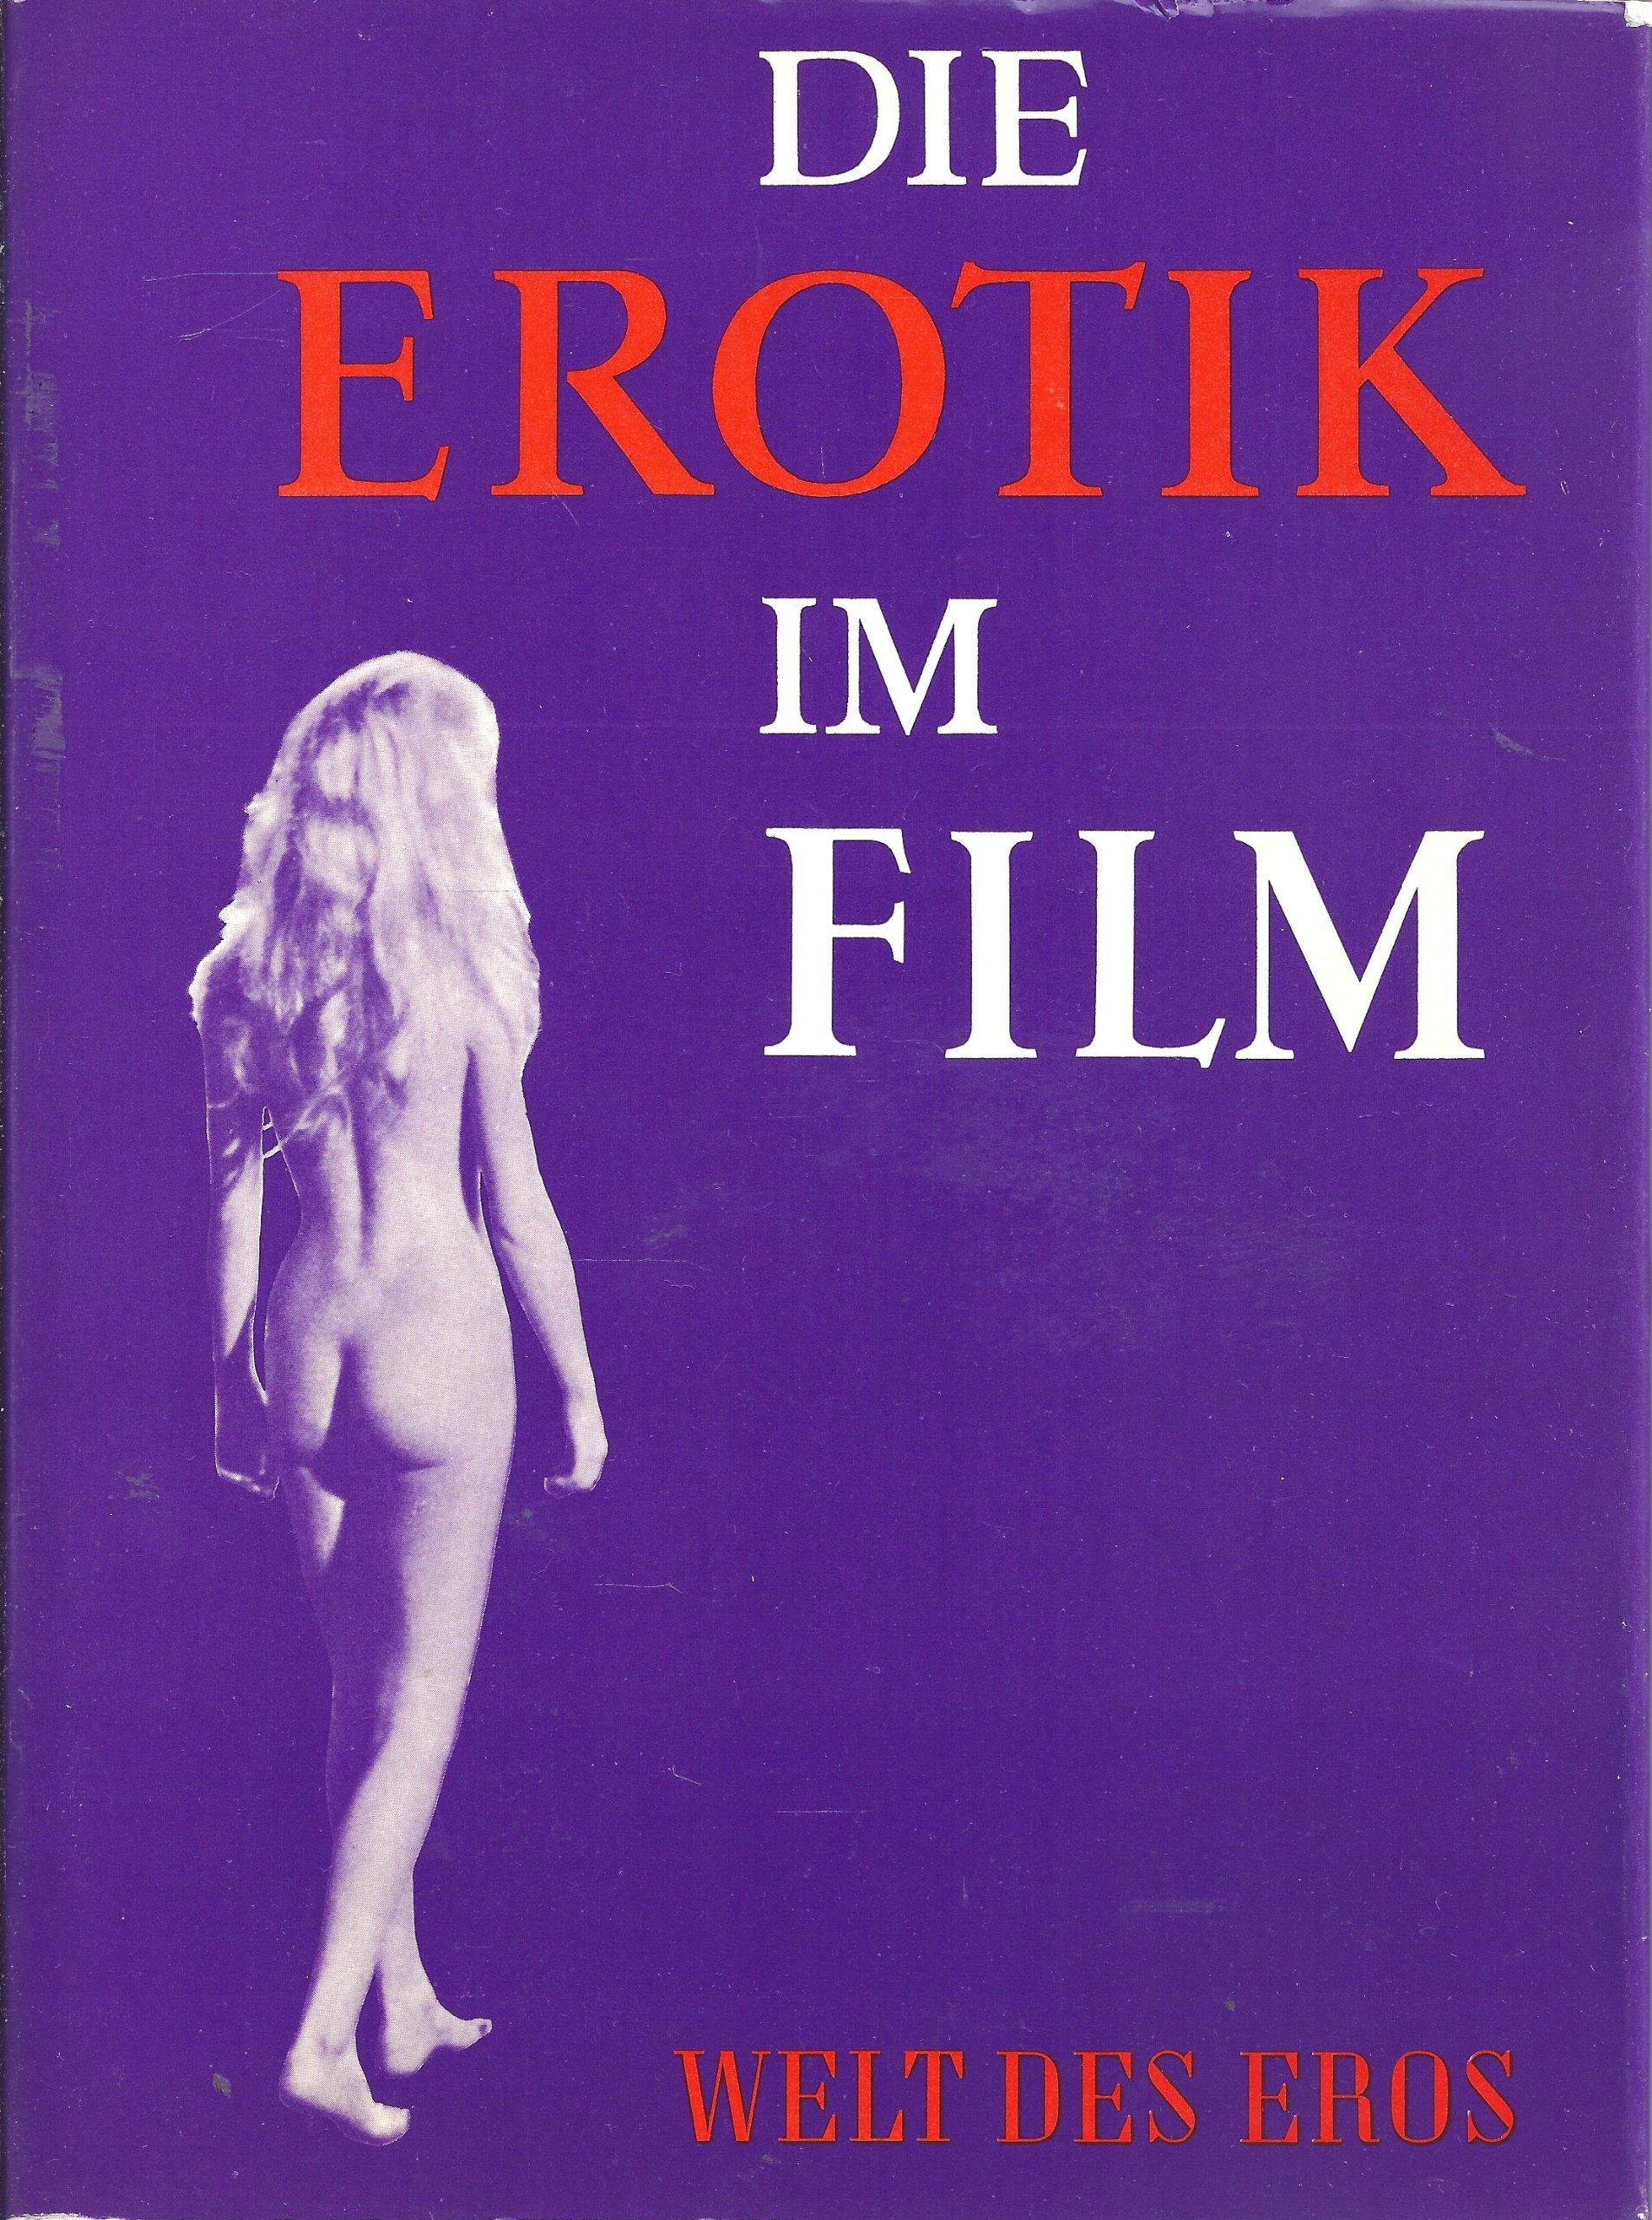 Erotik im film